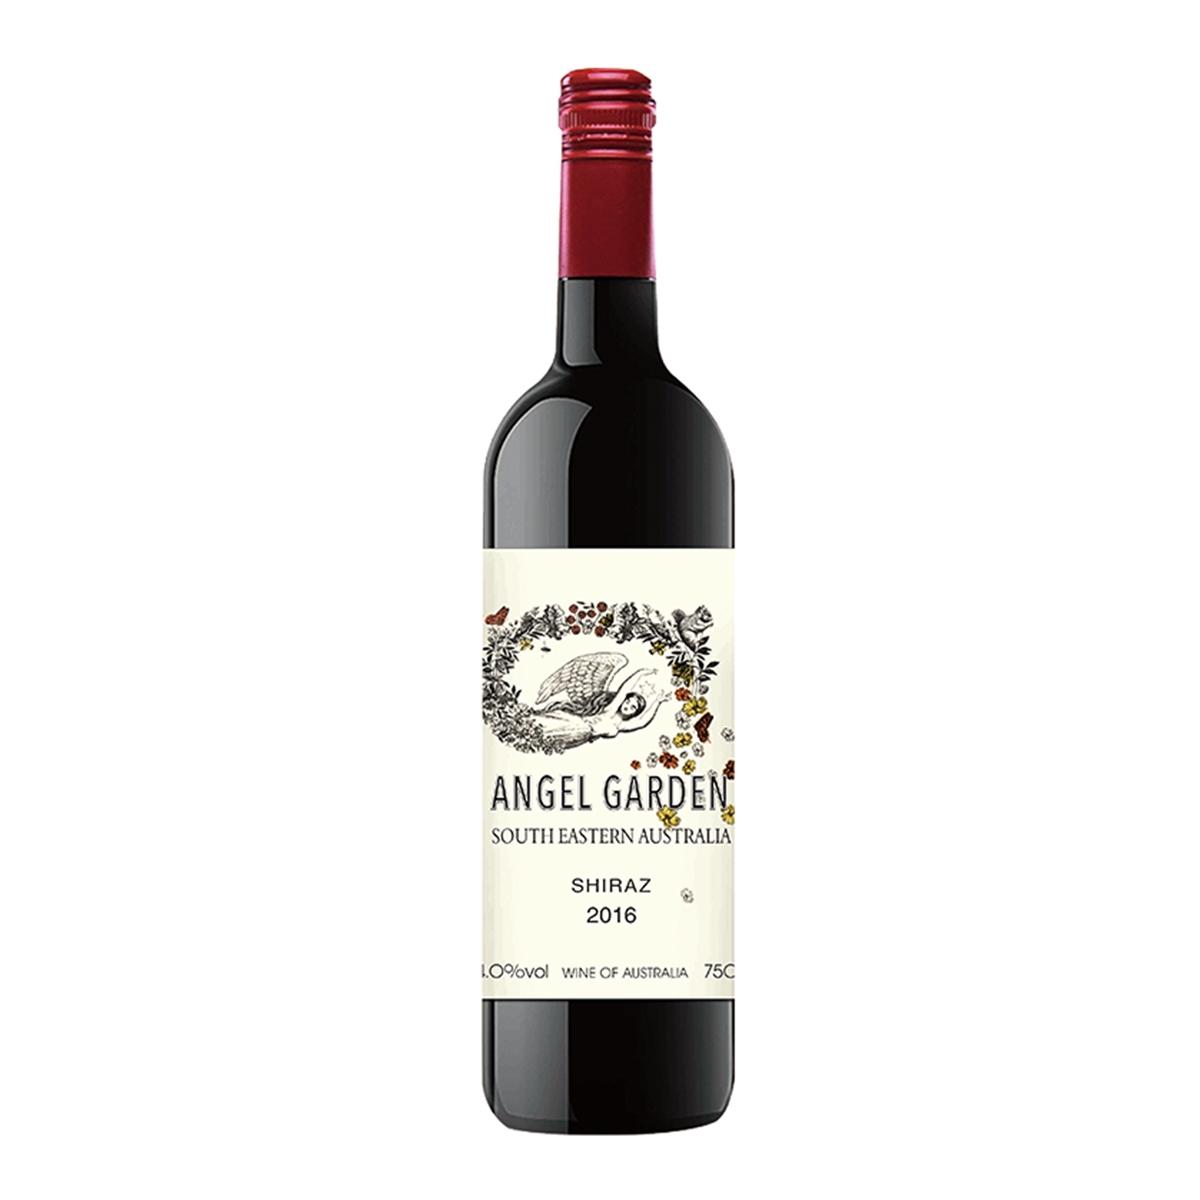 天使园西拉干红葡萄酒